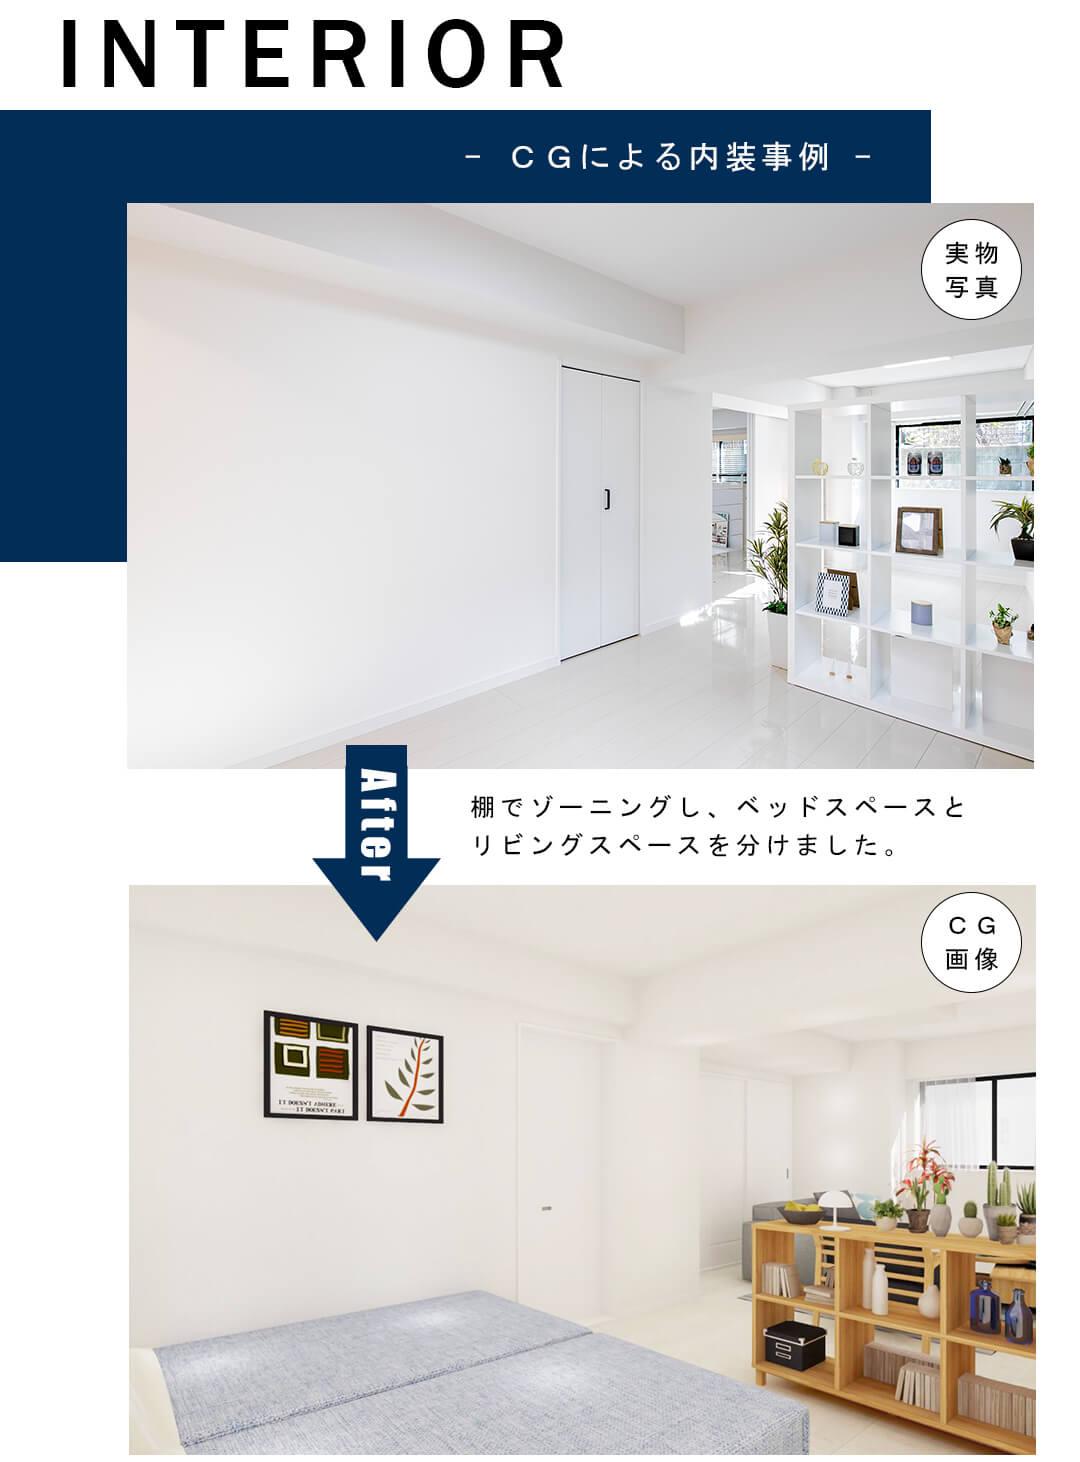 ゼクシア吉祥寺の寝室の内装事例